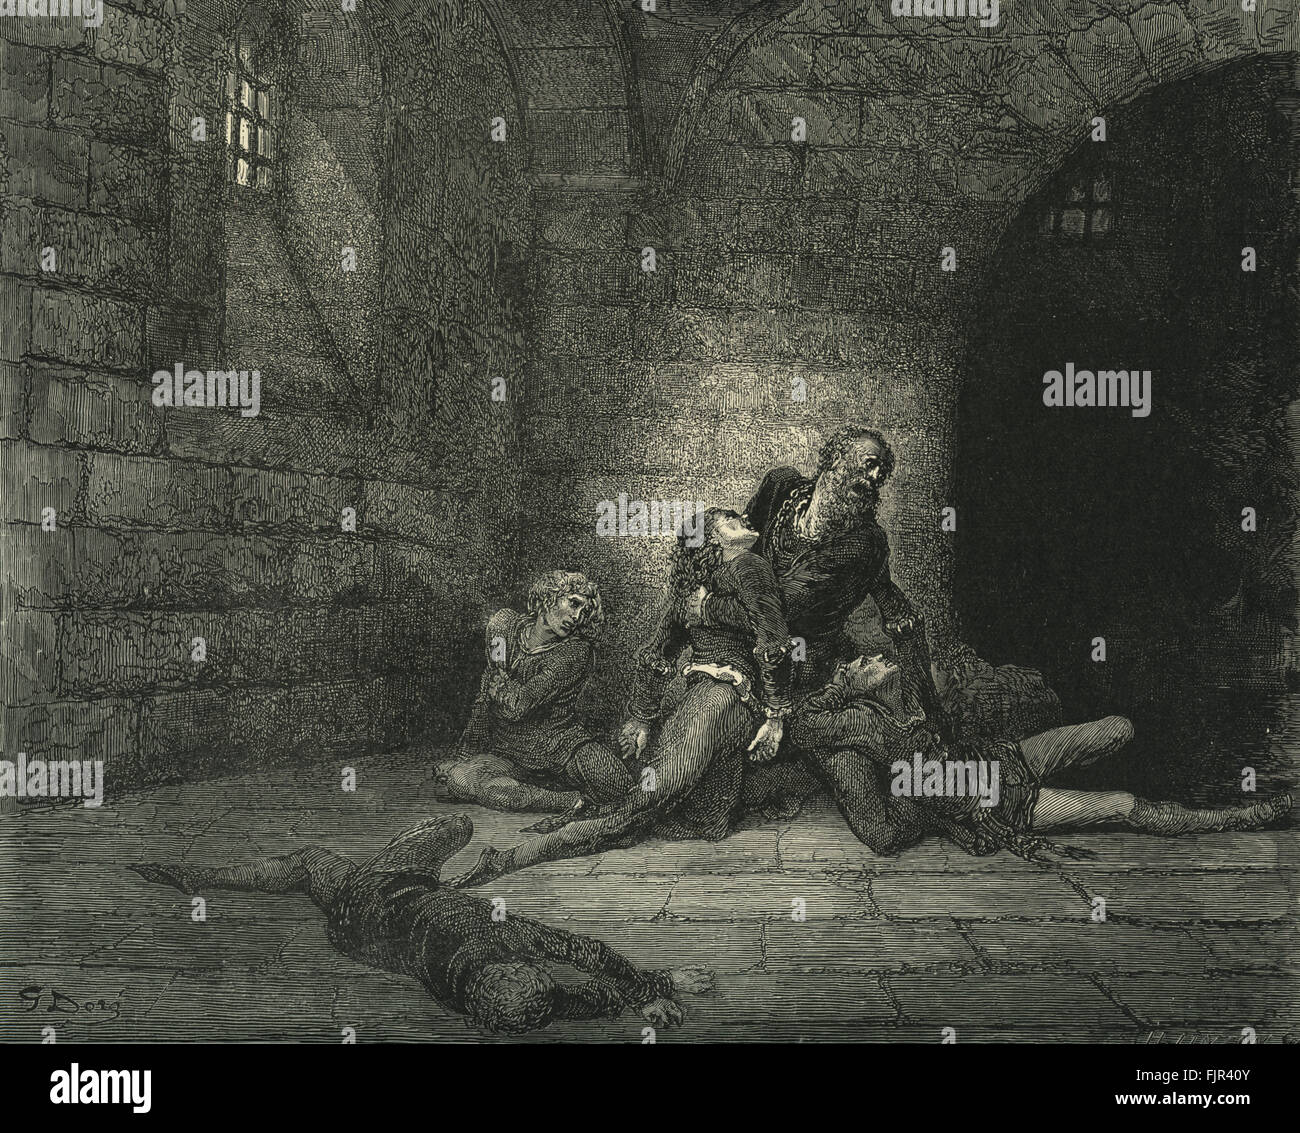 Dante Alighieri, La Divina Commedia, L'Inferno (The Divine Comedy, Hell) - Canto XXXIII (33): illustration by - Stock Image